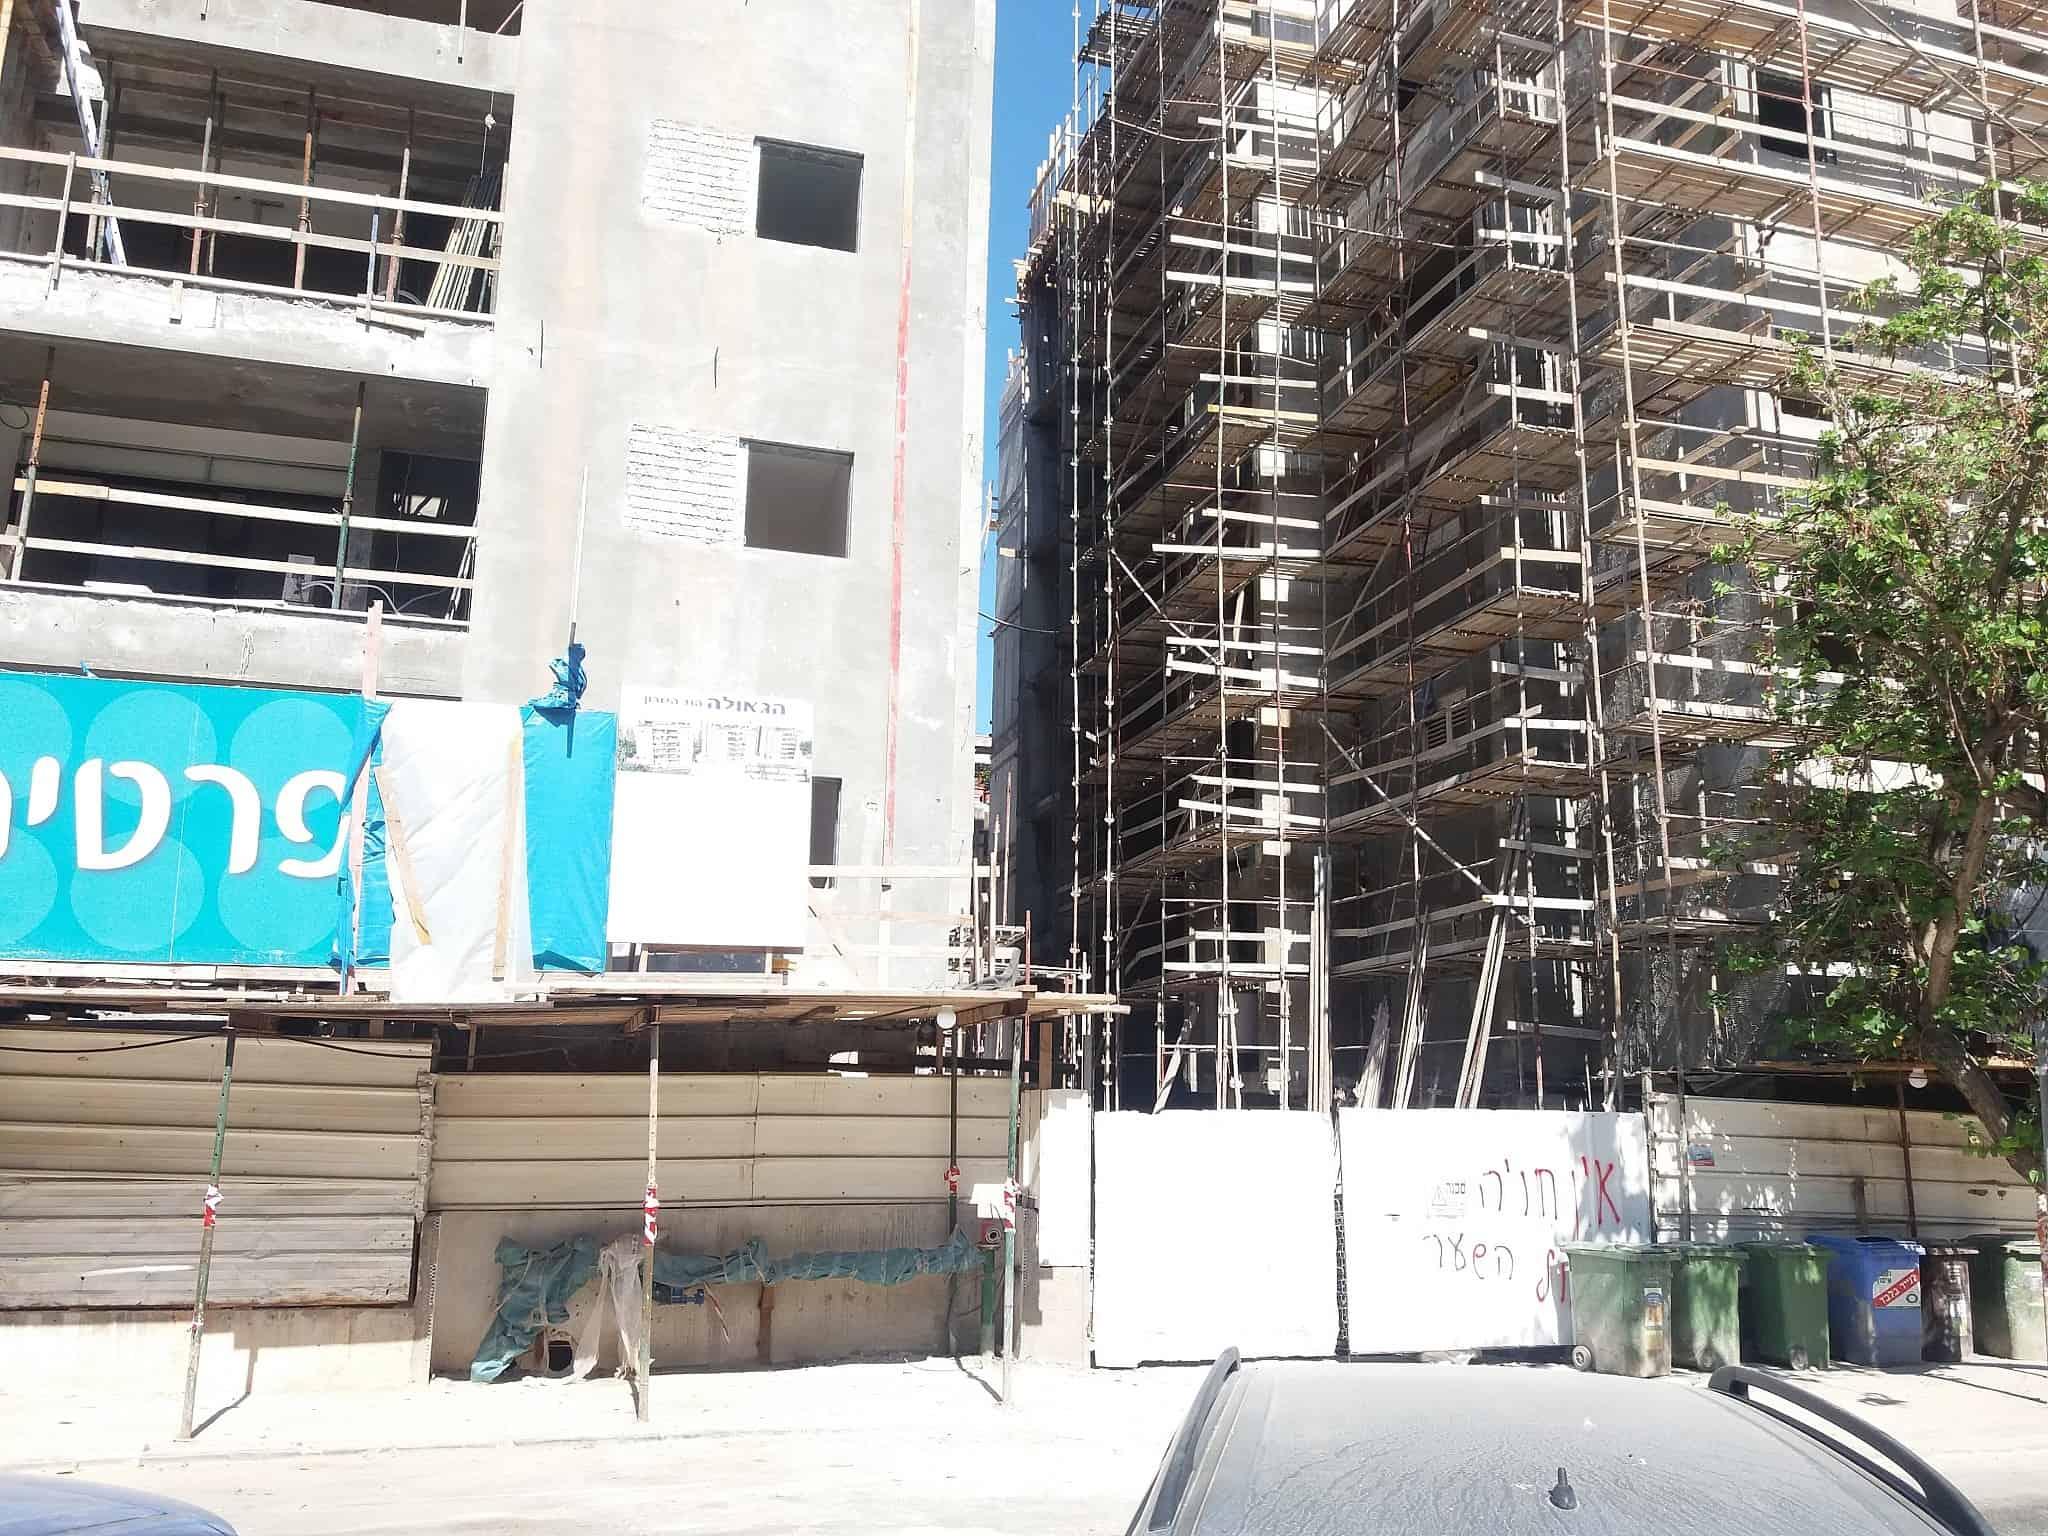 אתר בנייה ברחוב גאולה בהוד השרון (צילום: תני גולדשטיין)